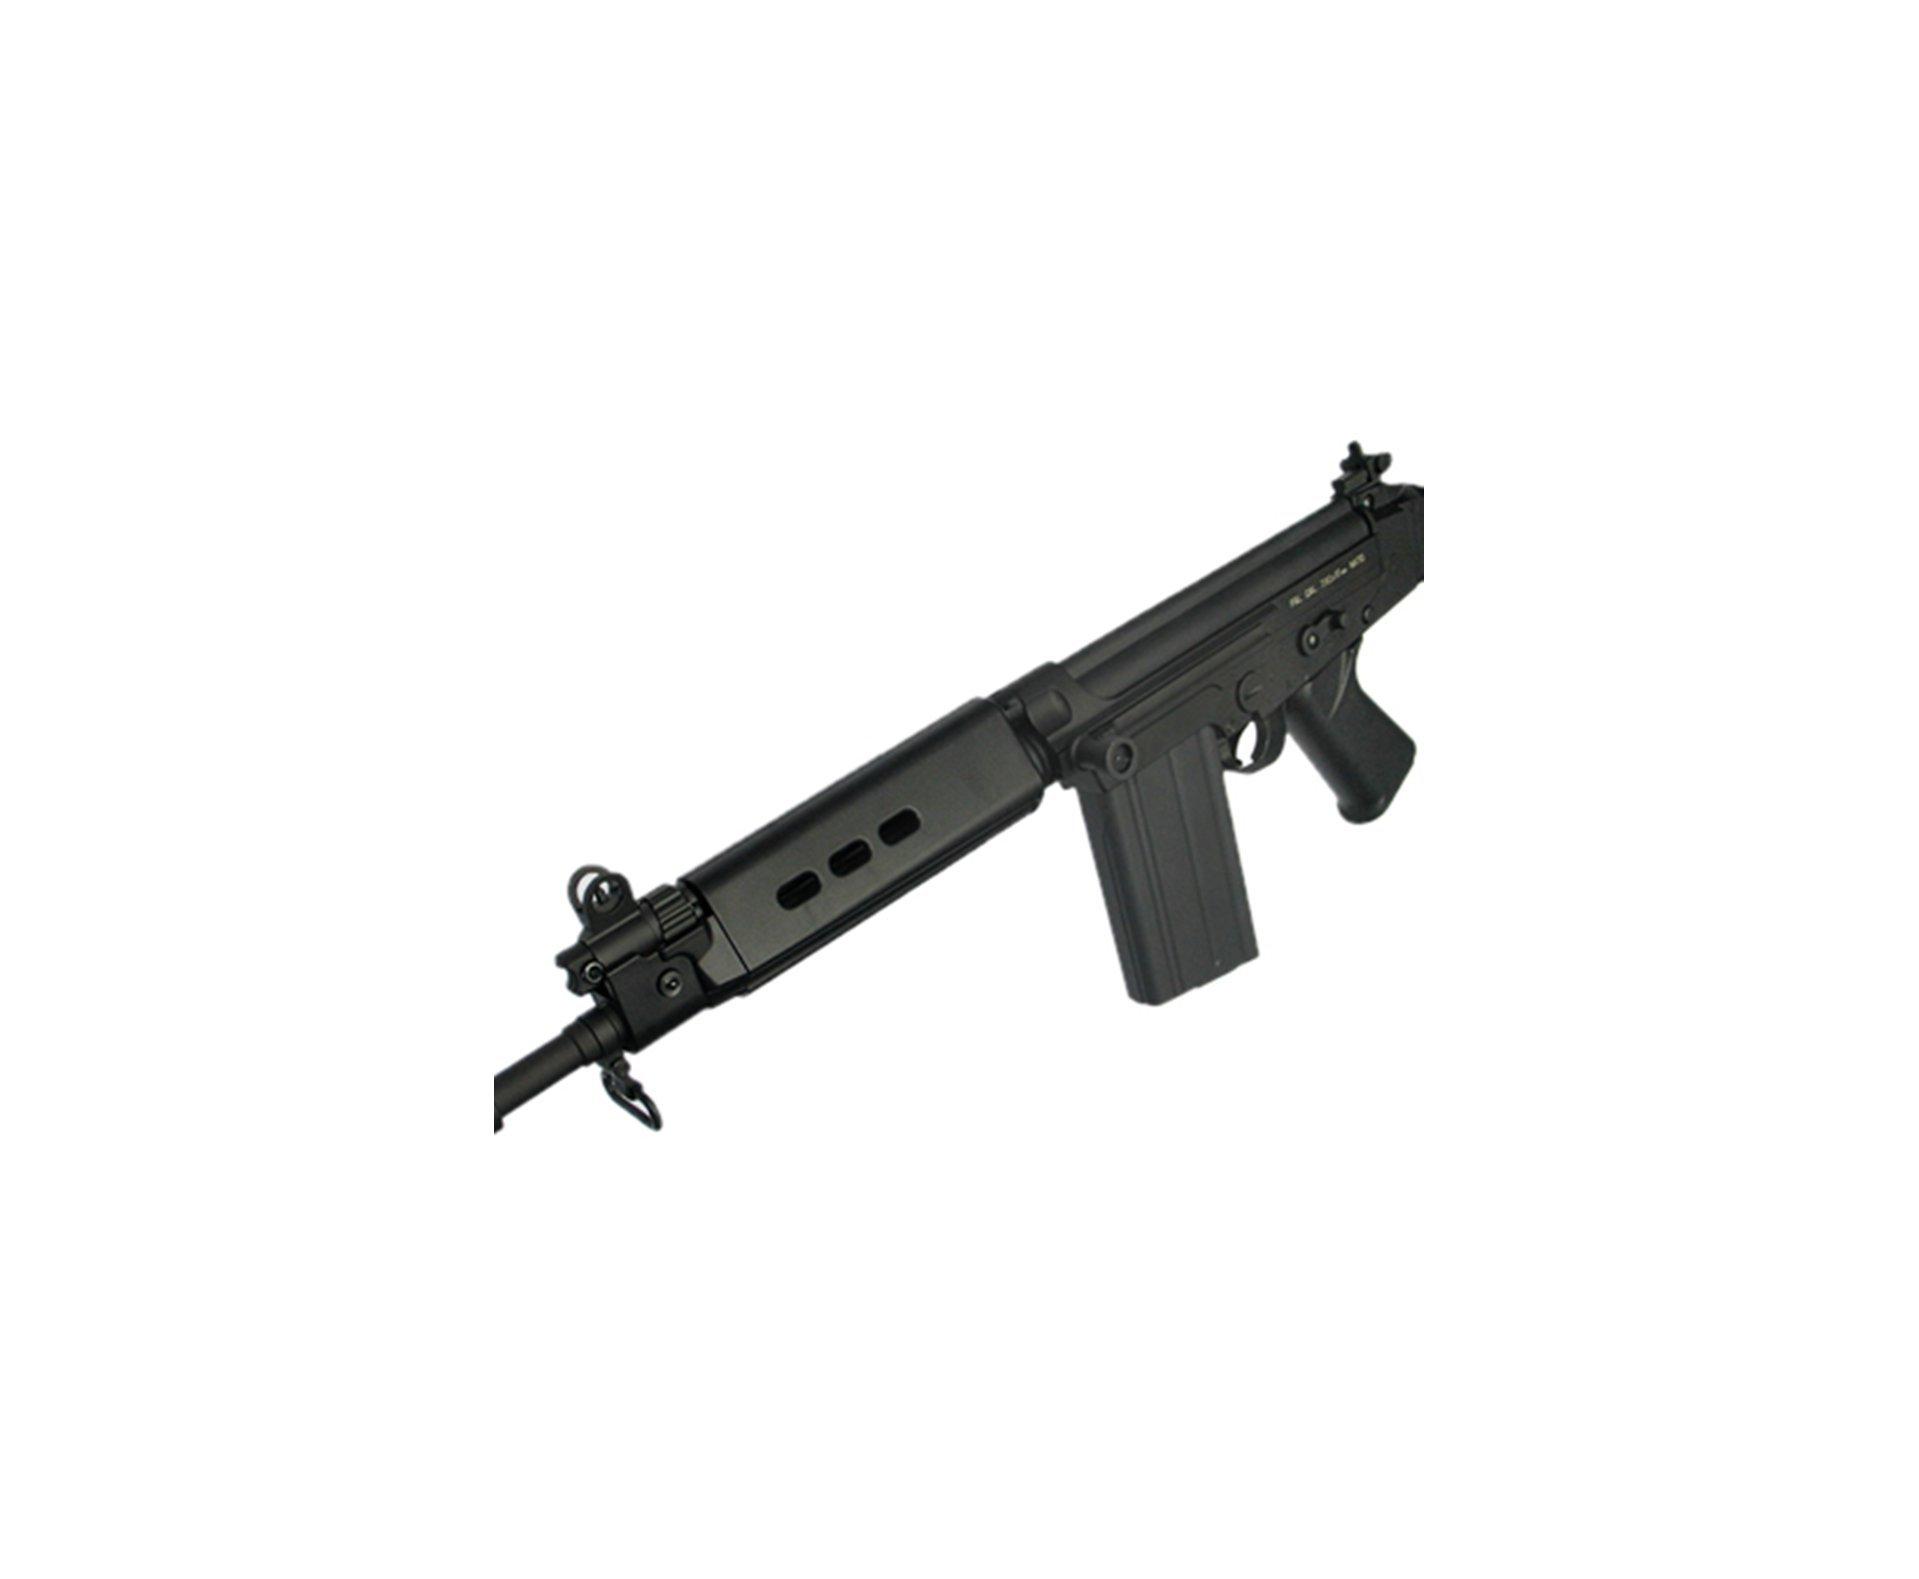 Magazine Airsoft Para Rifles Fal King Arms E Cyber Gun - 90 Bbs